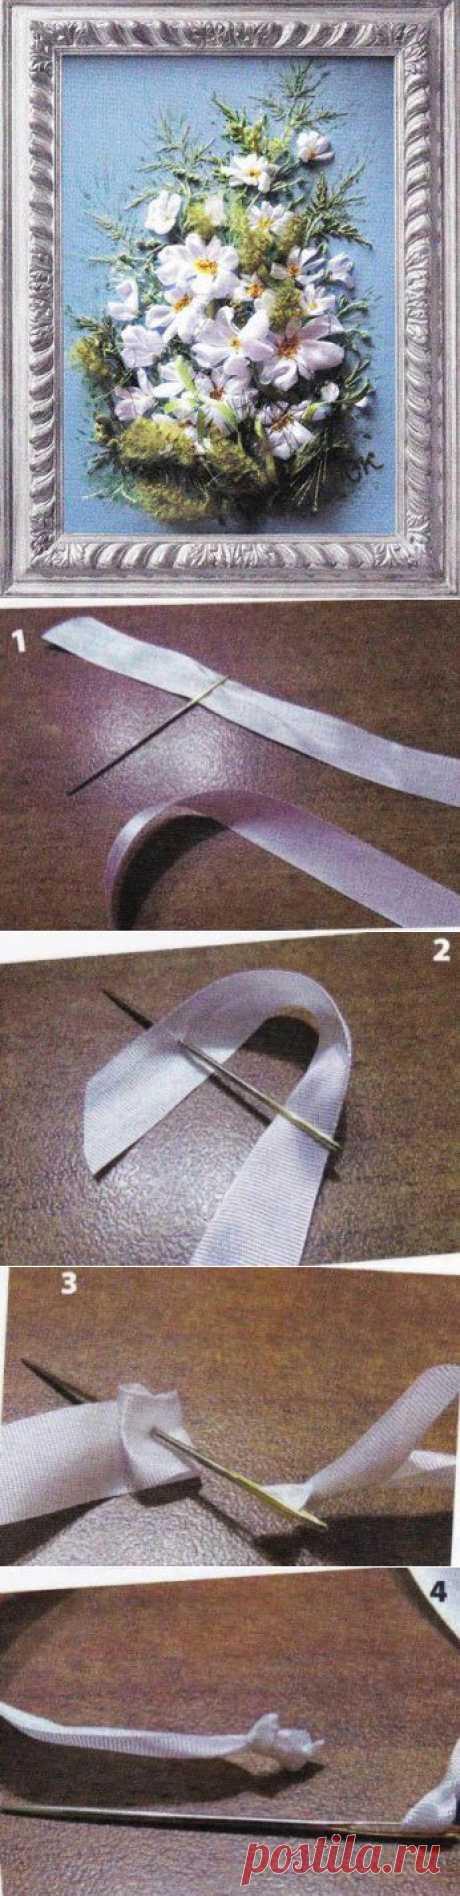 Вышивка лентами ромашек своими руками.